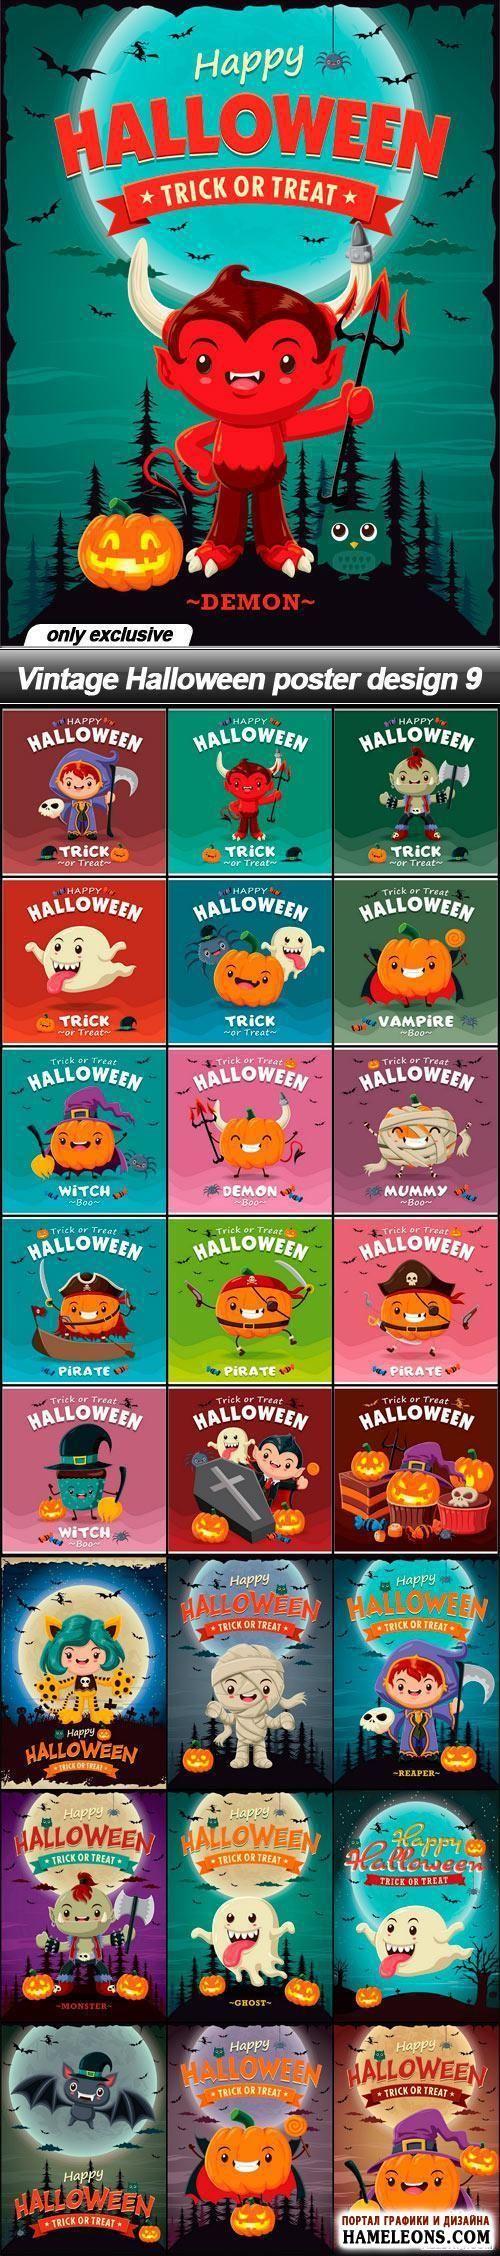 Винтажные постеры на праздник Хэллоуин со зловещими мифическими персонажами - подборка в векторе | Vintage Halloween poster design 5